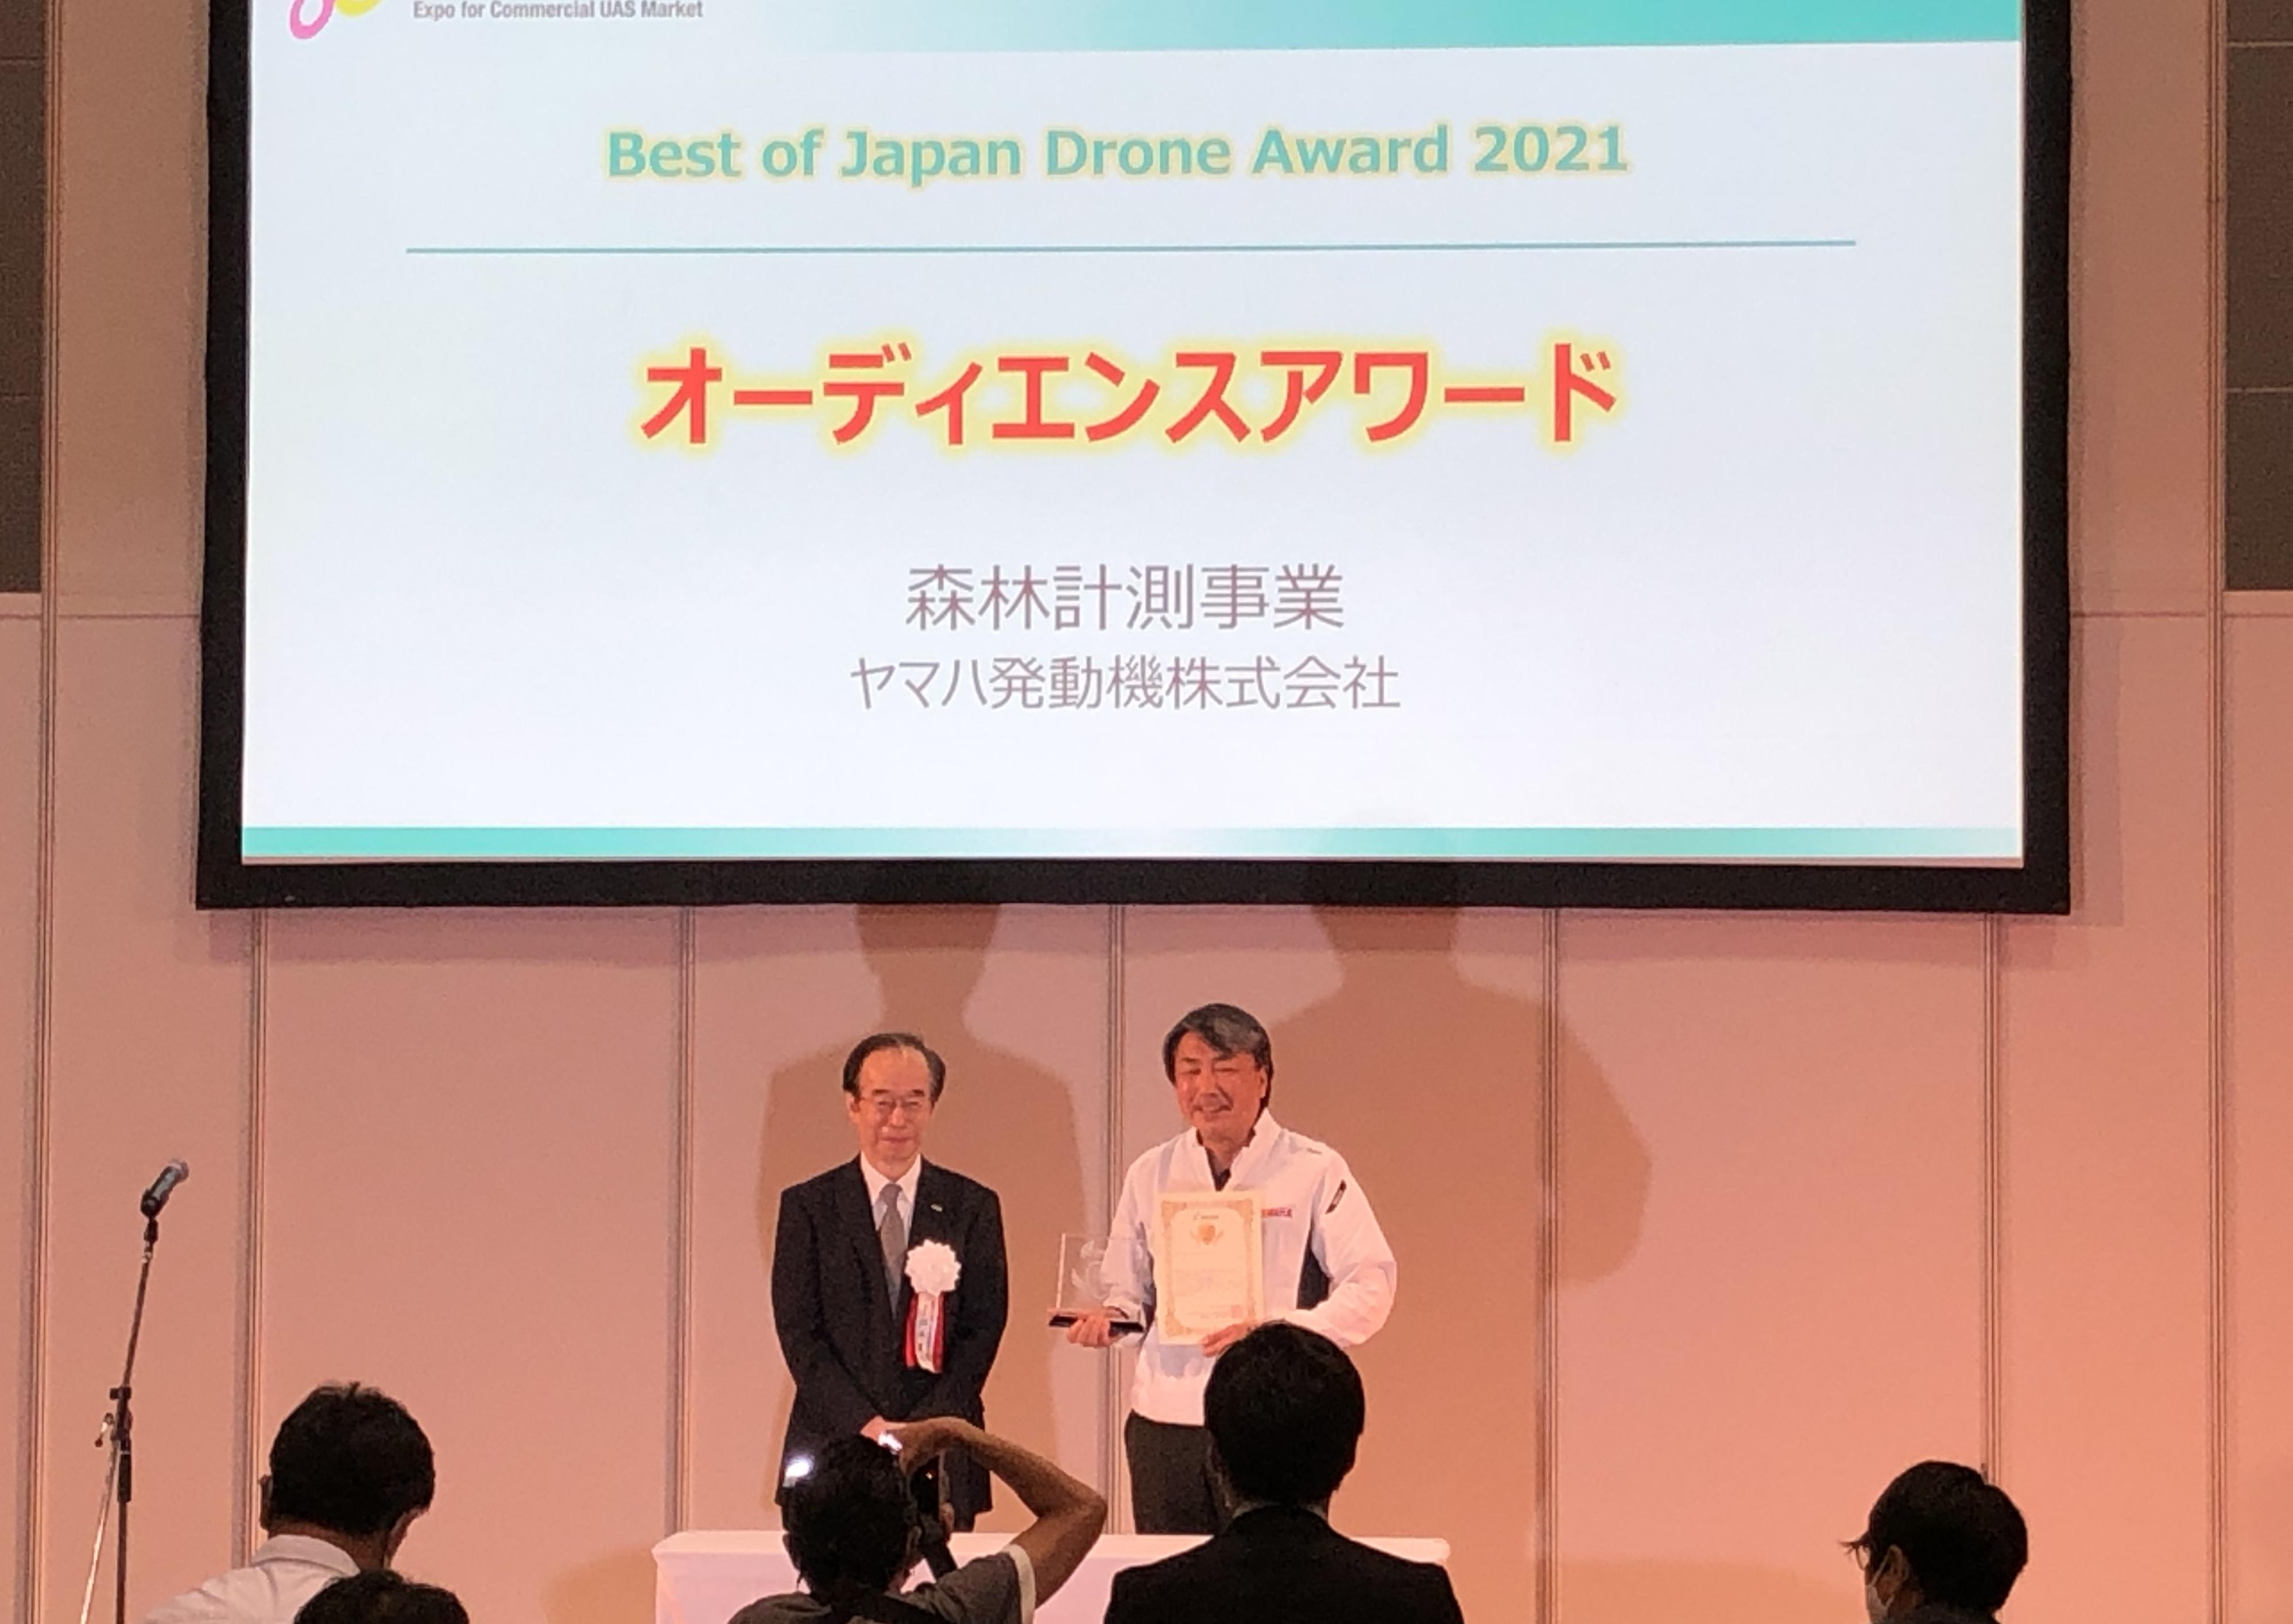 産業用無人ヘリコプターによる森林計測事業が第6回Japan Droneニュービジネス部門最優秀アワードとベストオブオーディエンス部門最優秀アワードをダブル受賞